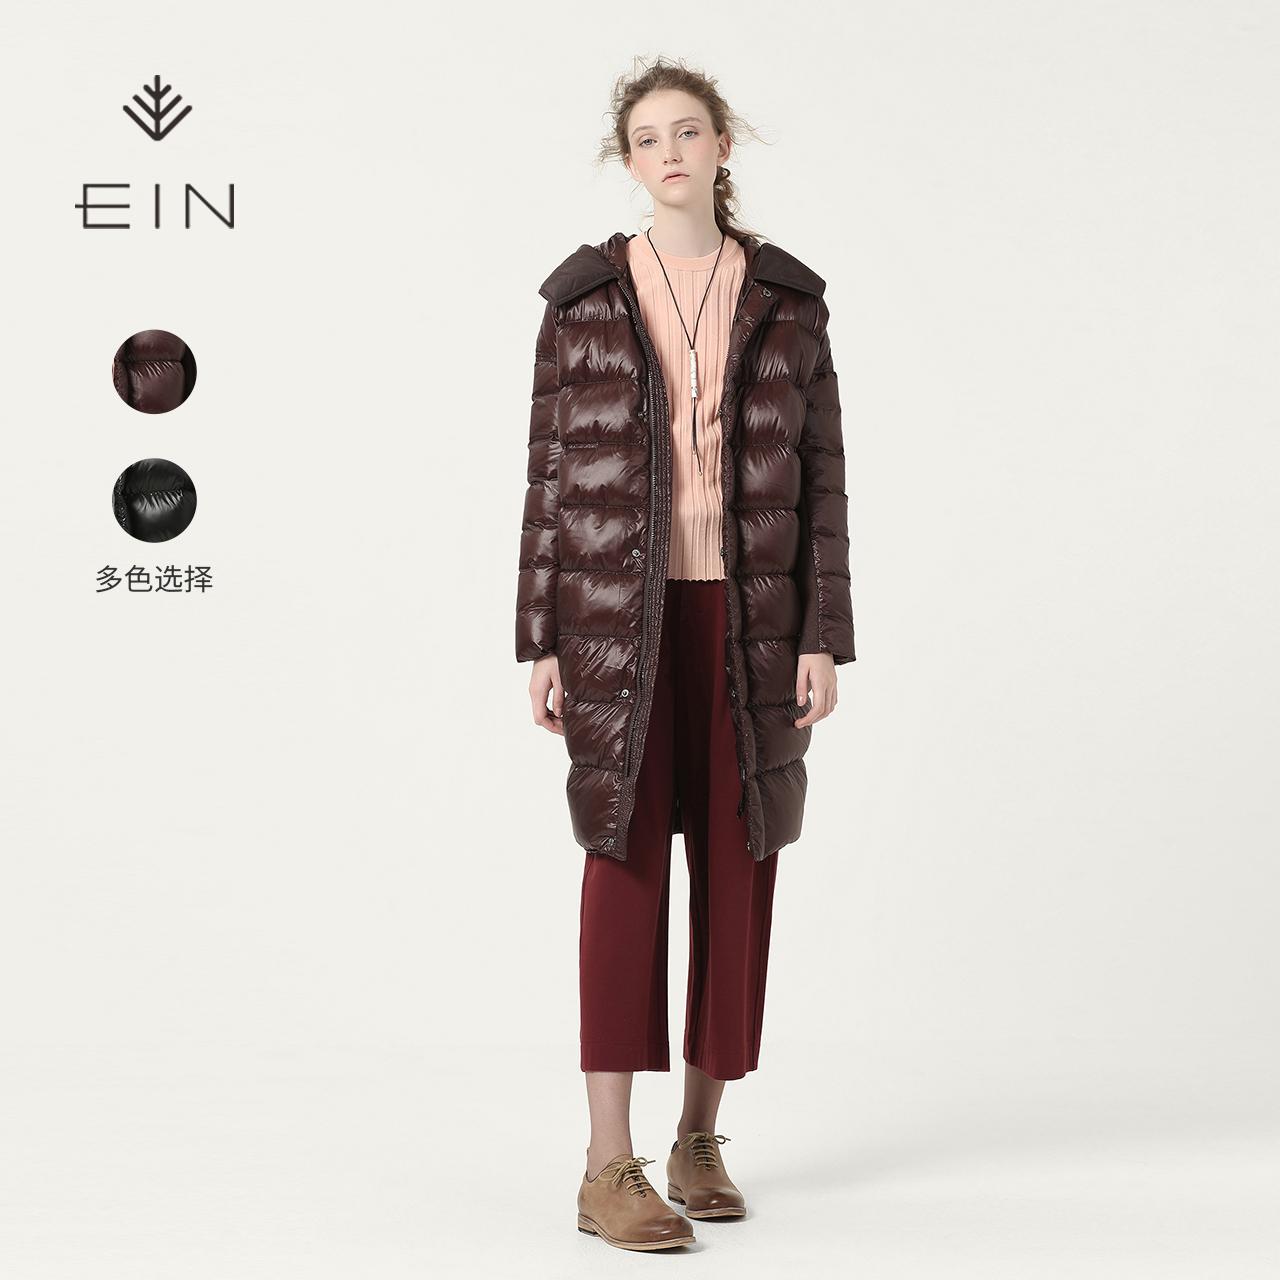 EIN-言茧型百搭女中长款宽松加厚冬季羽绒服反季清仓品牌正品